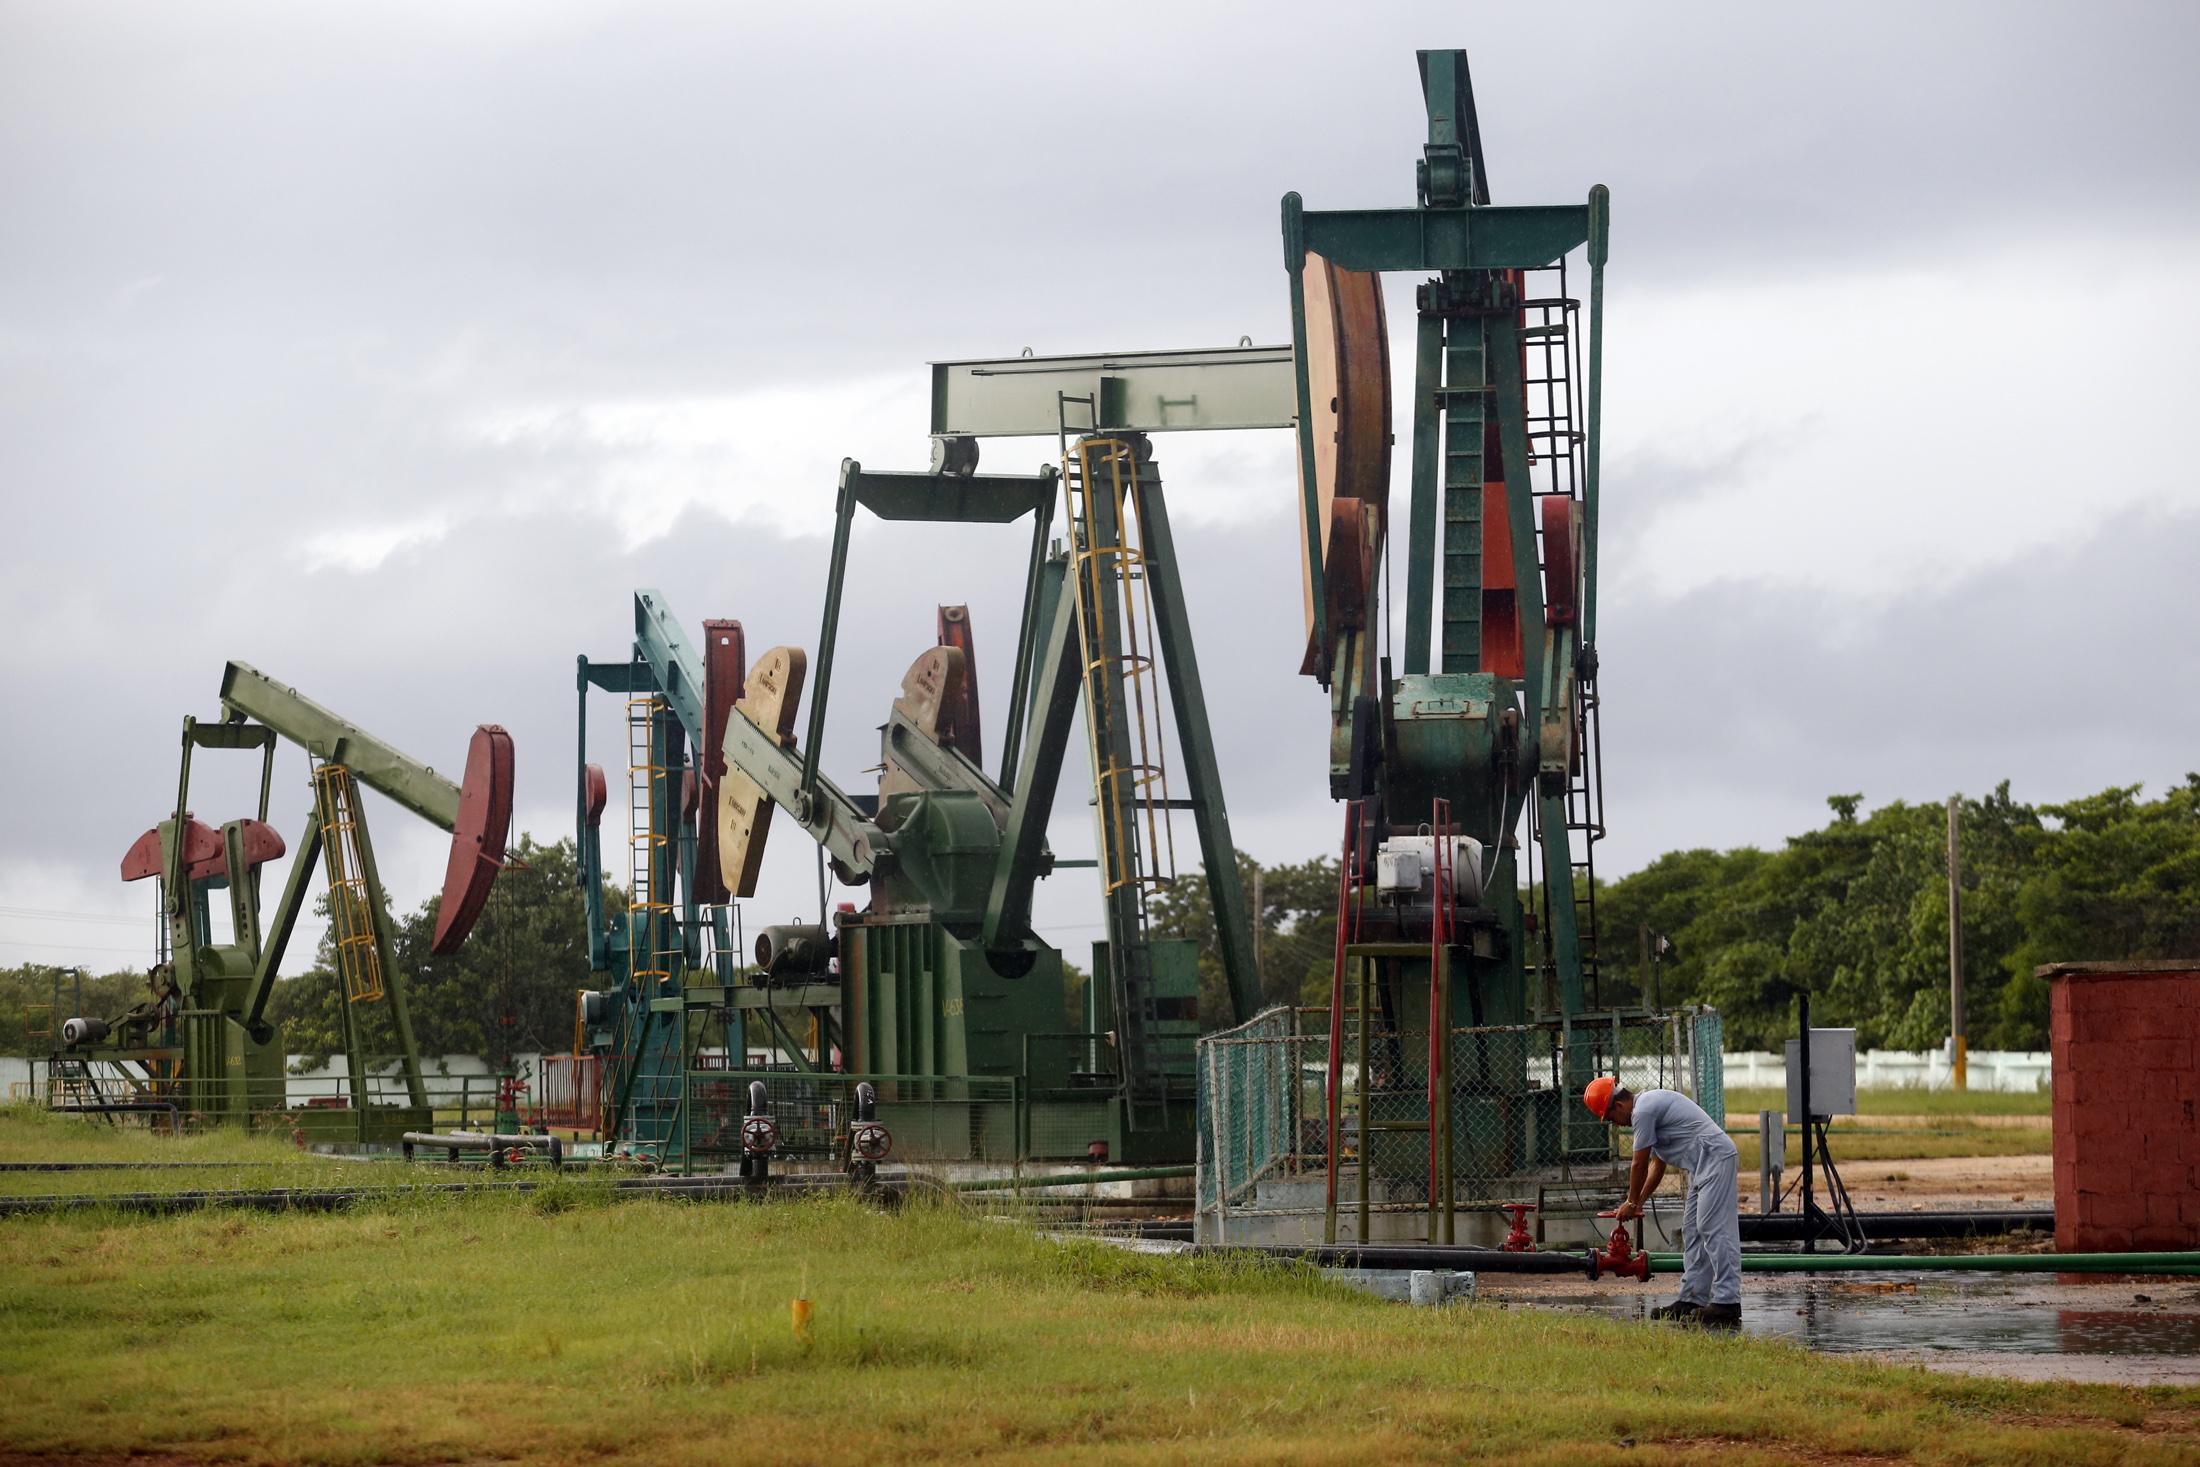 Centro colector numero 10 destinado a la extraccion de petroleo, en el municipio Cardenas, provincia Matanzas, Cuba de  de 2015. Foto: Jorge Luis Baños_IPS